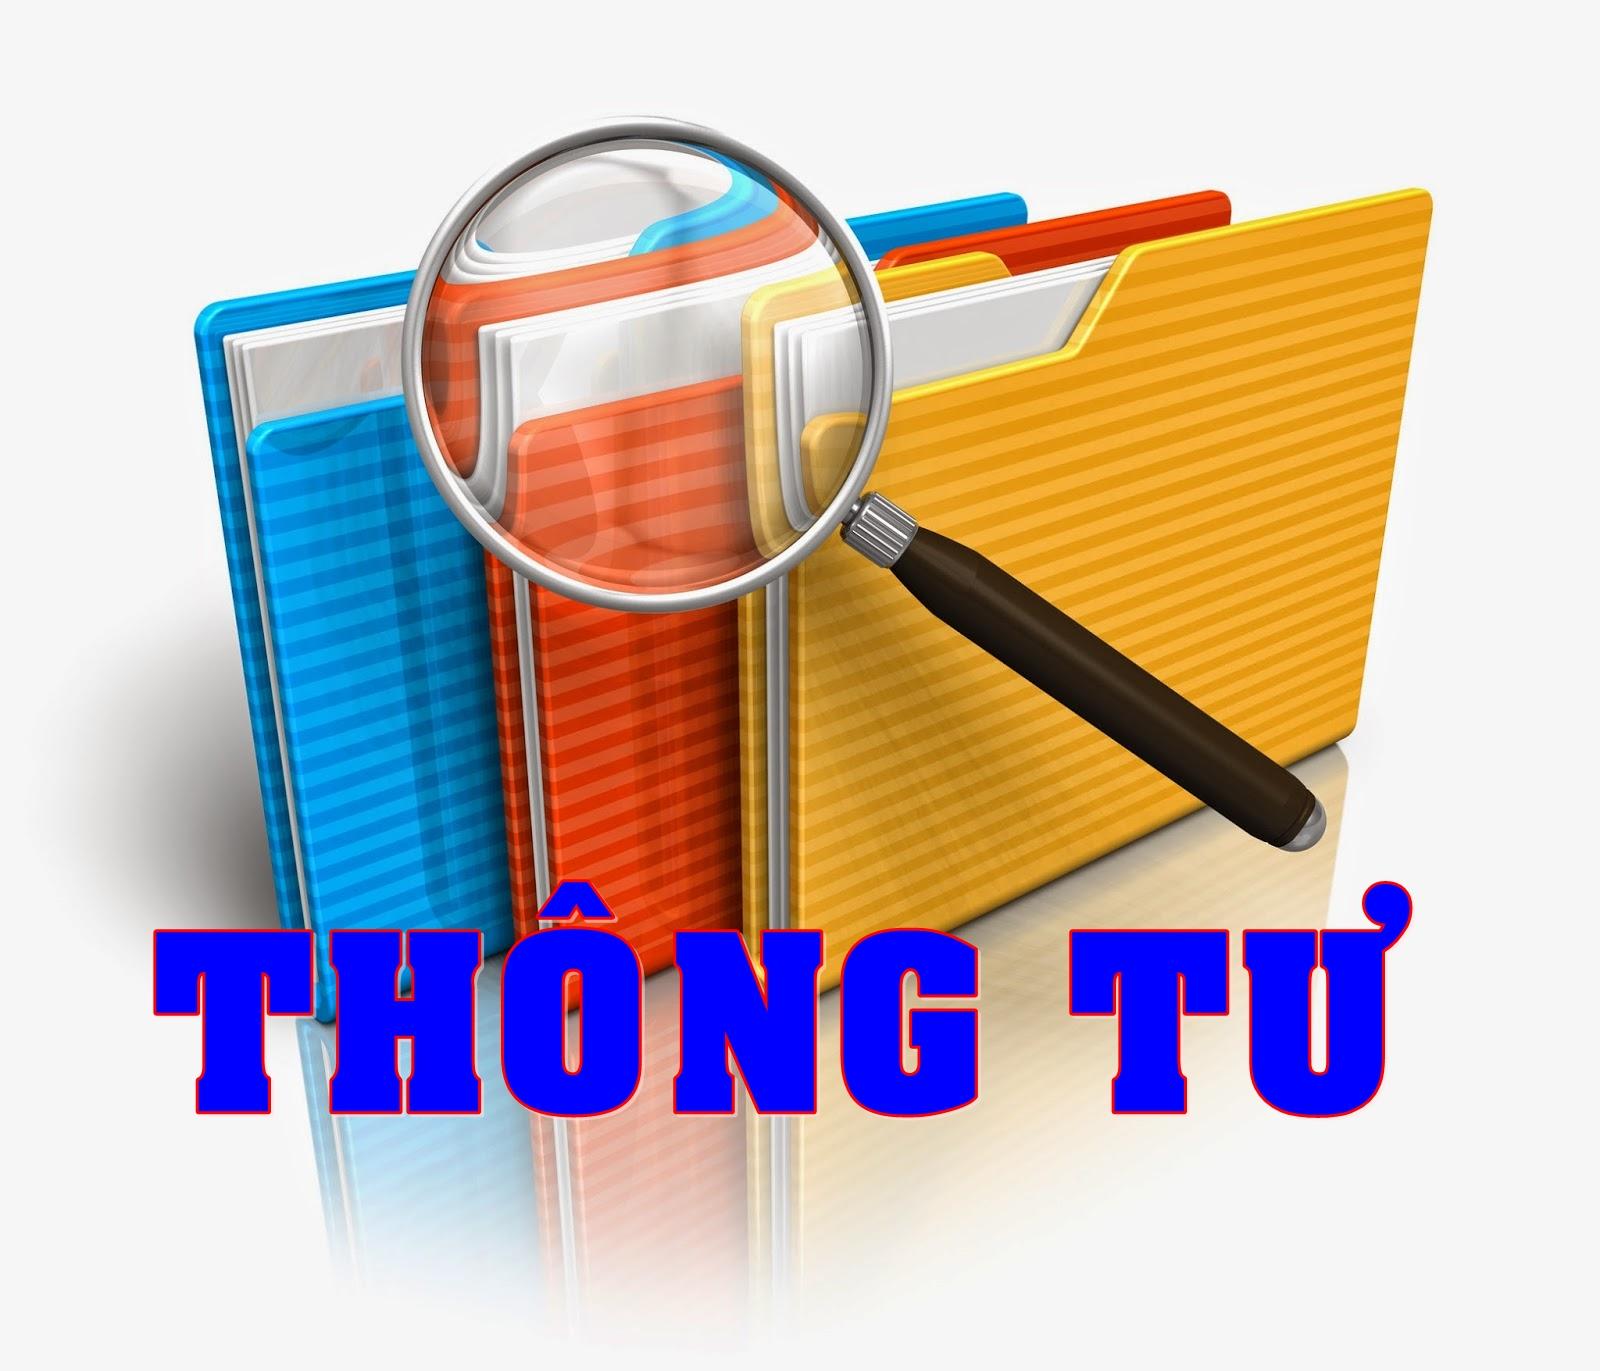 Thông tư 04/2007/TT-BTM về hướng dẫn hoạt động xuất khẩu, nhập khẩu, gia công, thanh lý hàng nhập khẩu  và tiêu thụ sản phẩm của doanh nghiệp có vốn đầu tư nước ngoài - Indochina247